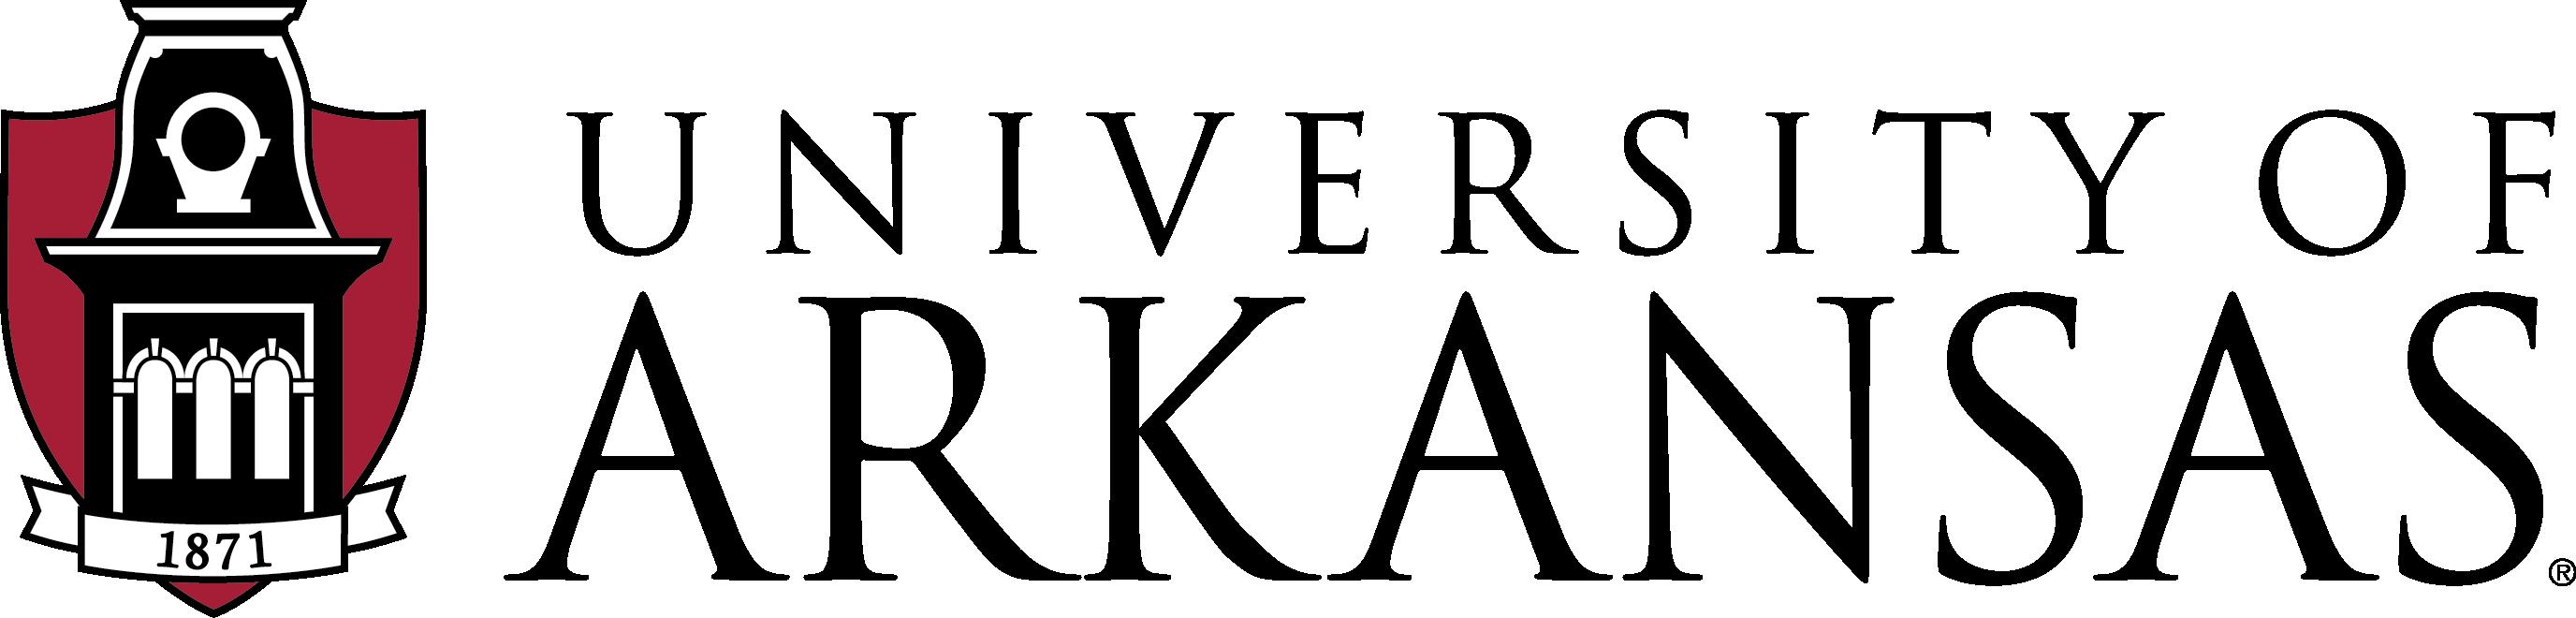 Университет Арканзаса